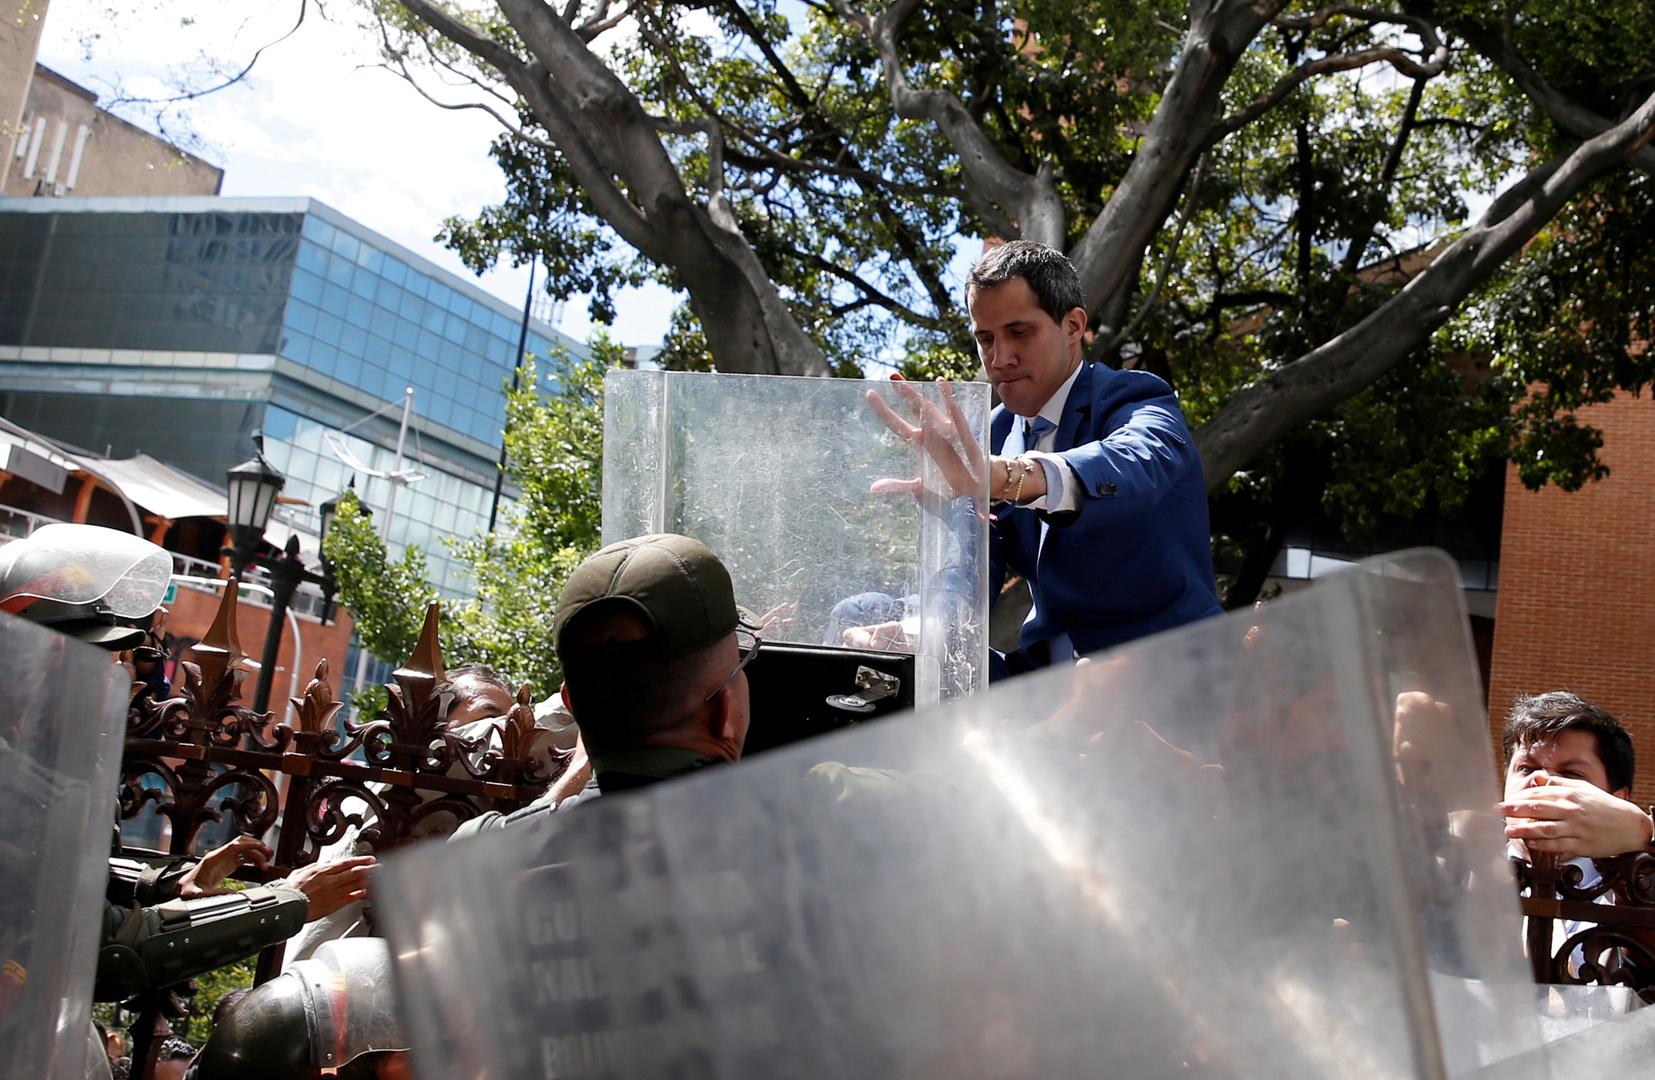 """Auswärtiges Amt betätigt sich als Propaganda-Sprachrohr für Guaidó: """"Maduro-Regime hat versucht ..."""""""